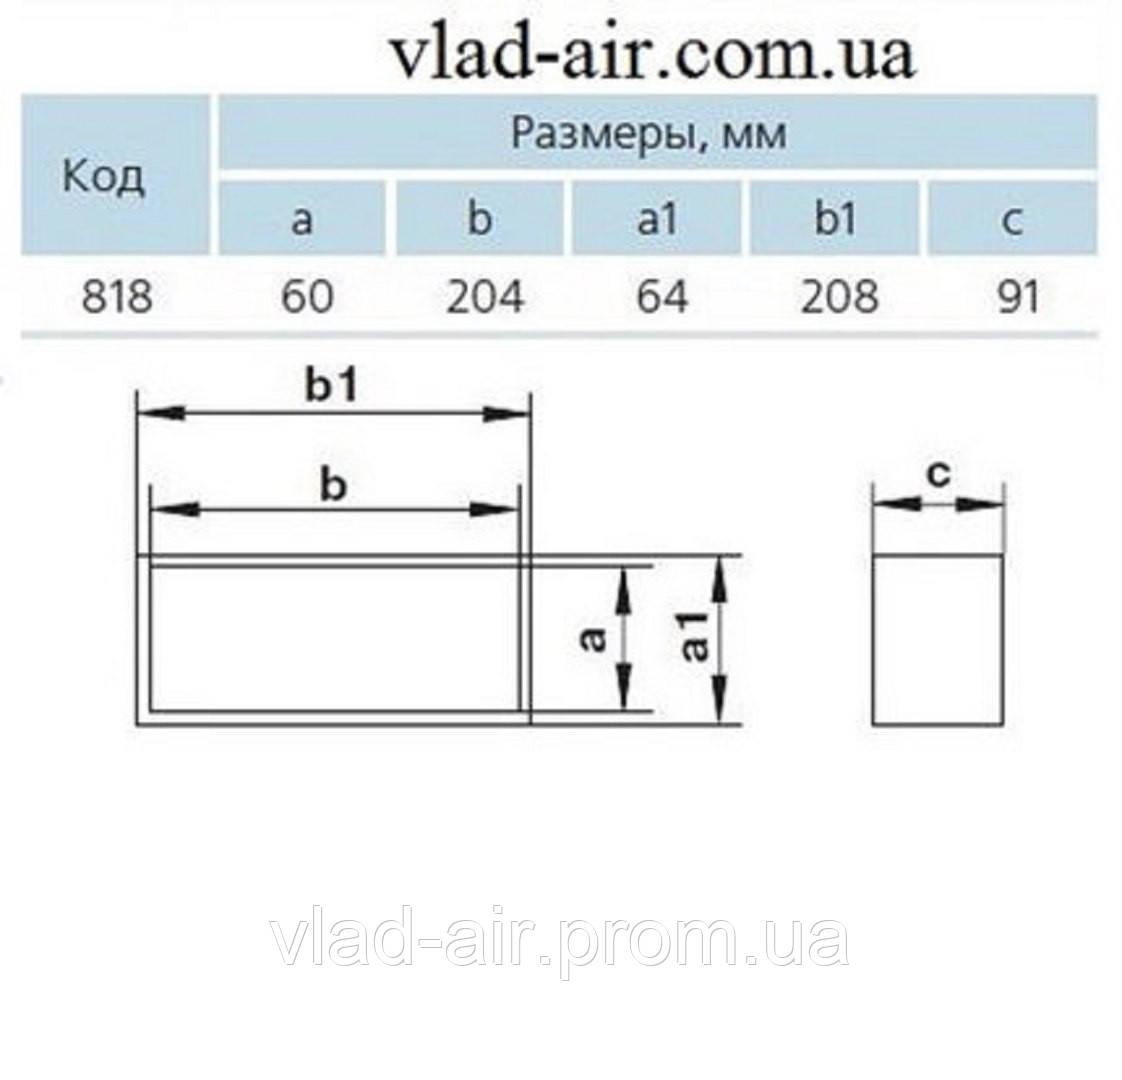 Соединитель плоских каналов 204*60